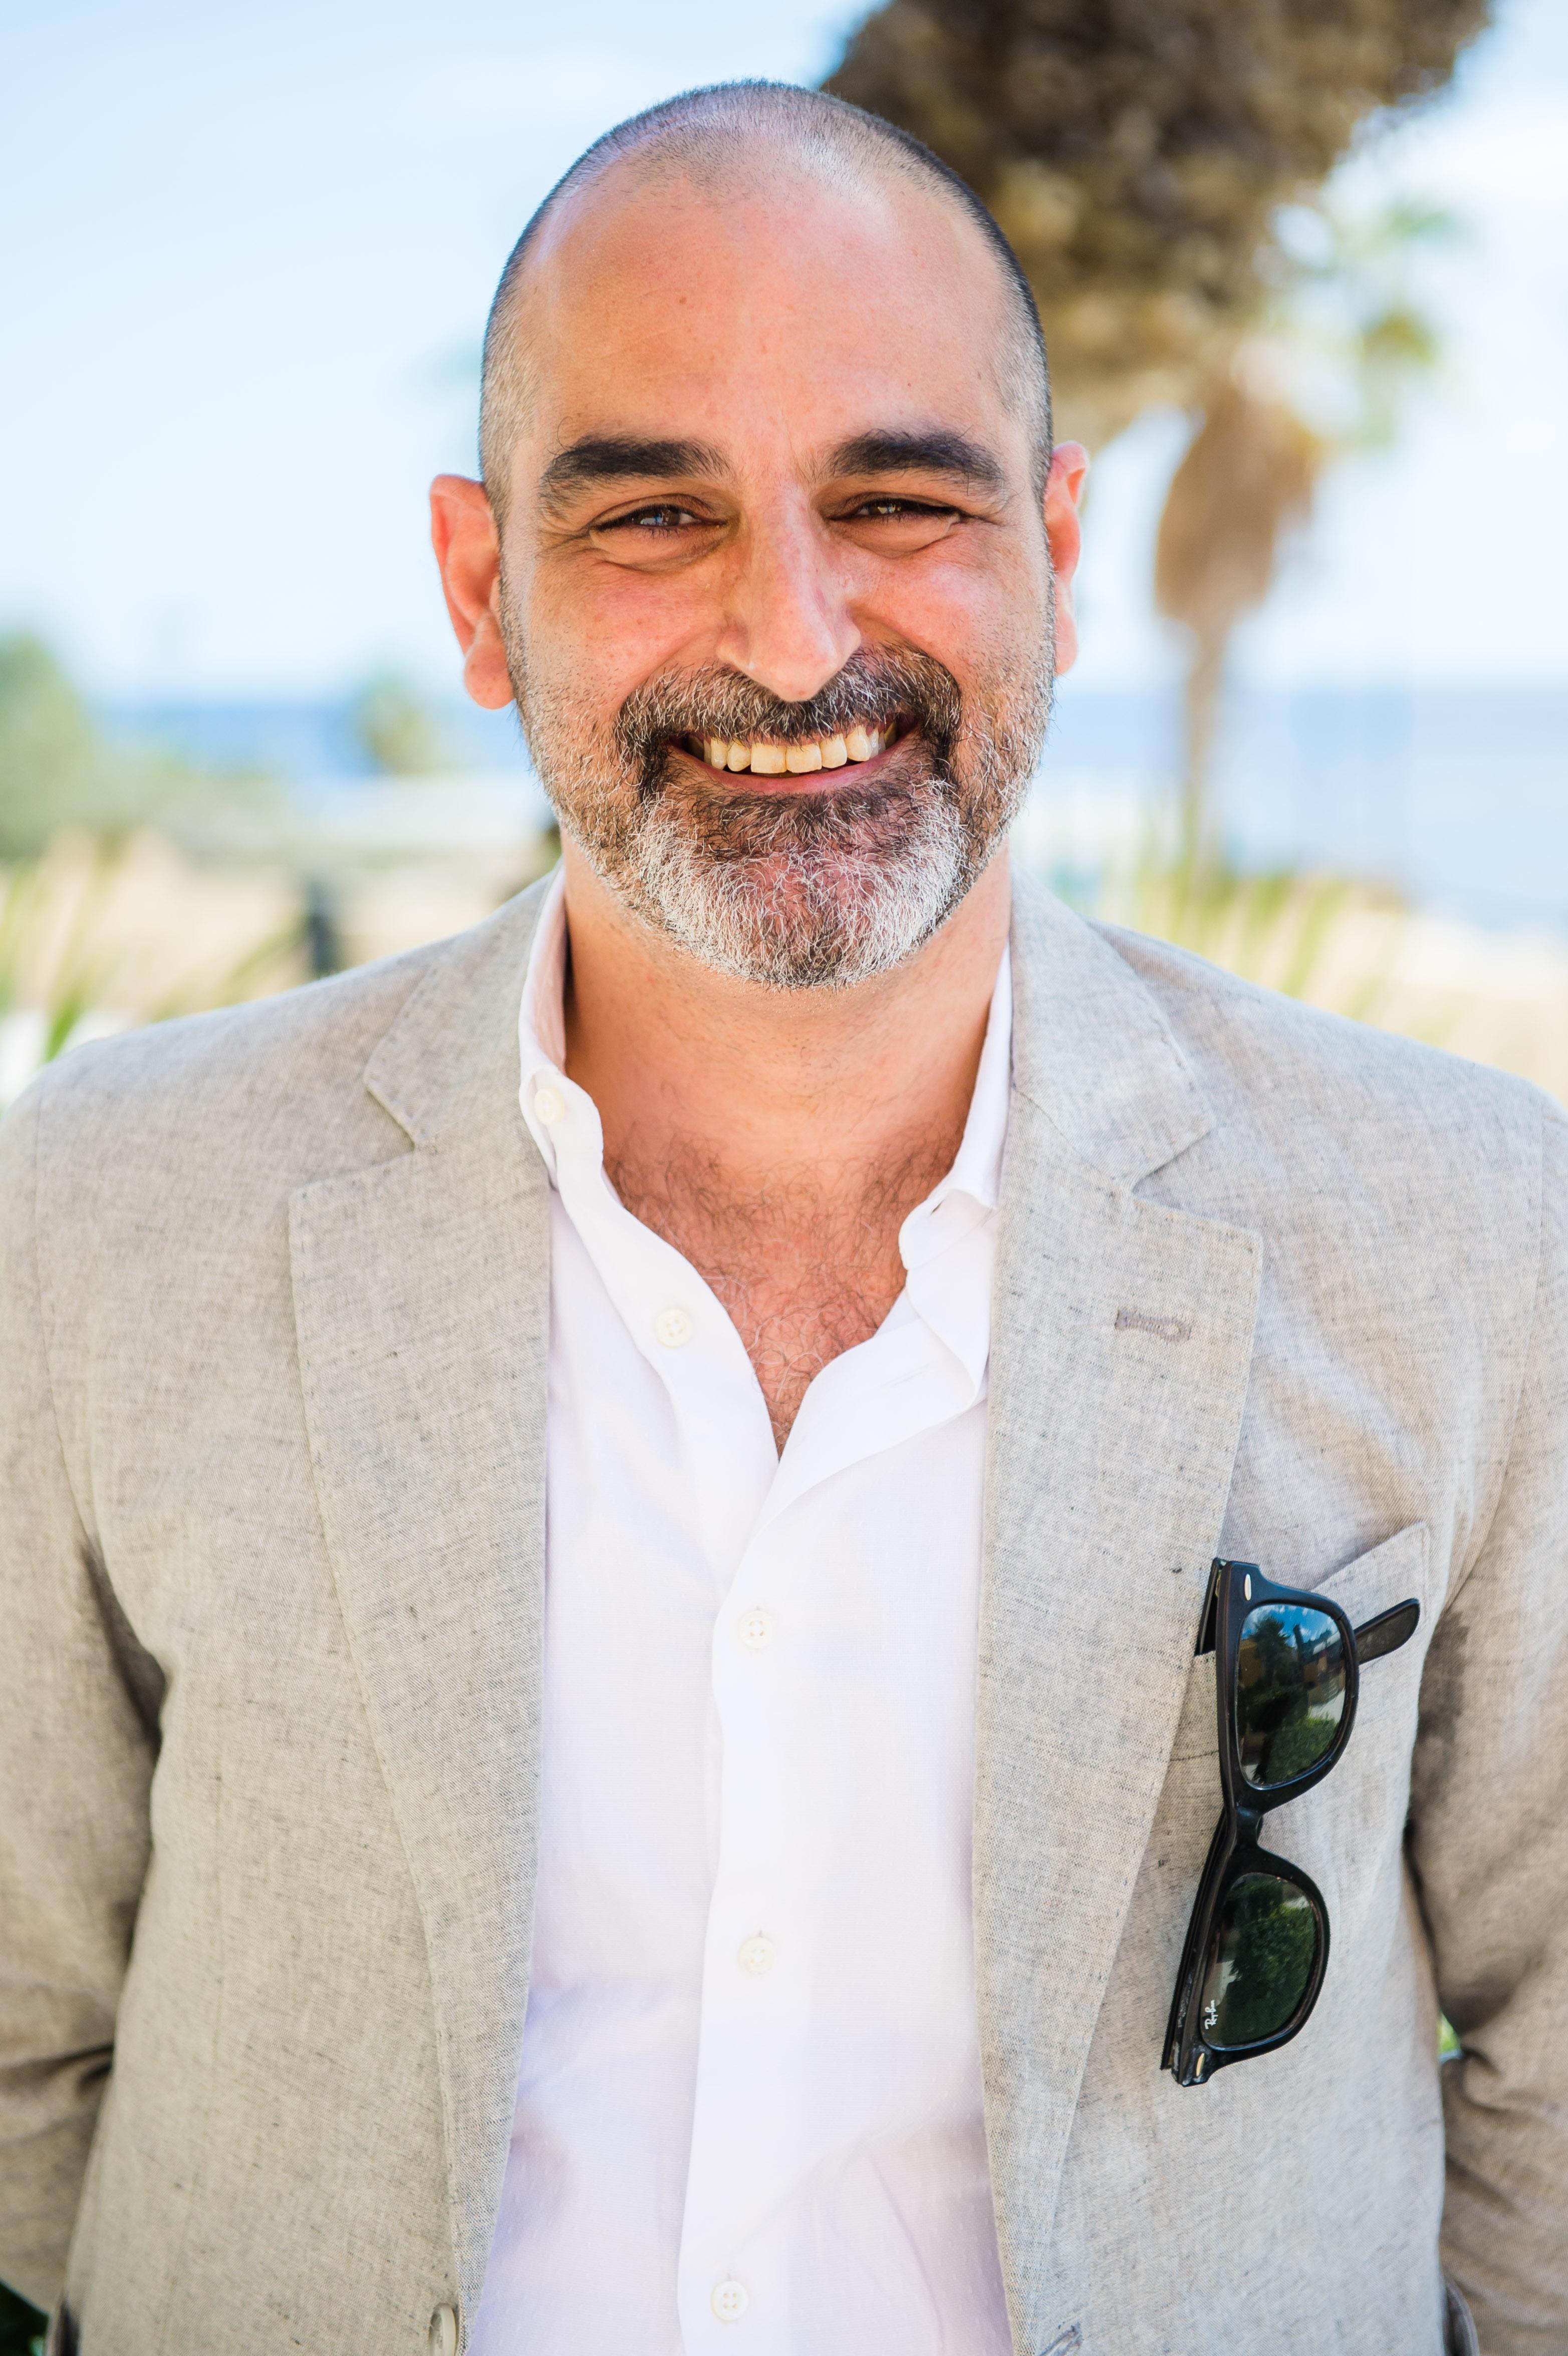 Benjamin Sciberras